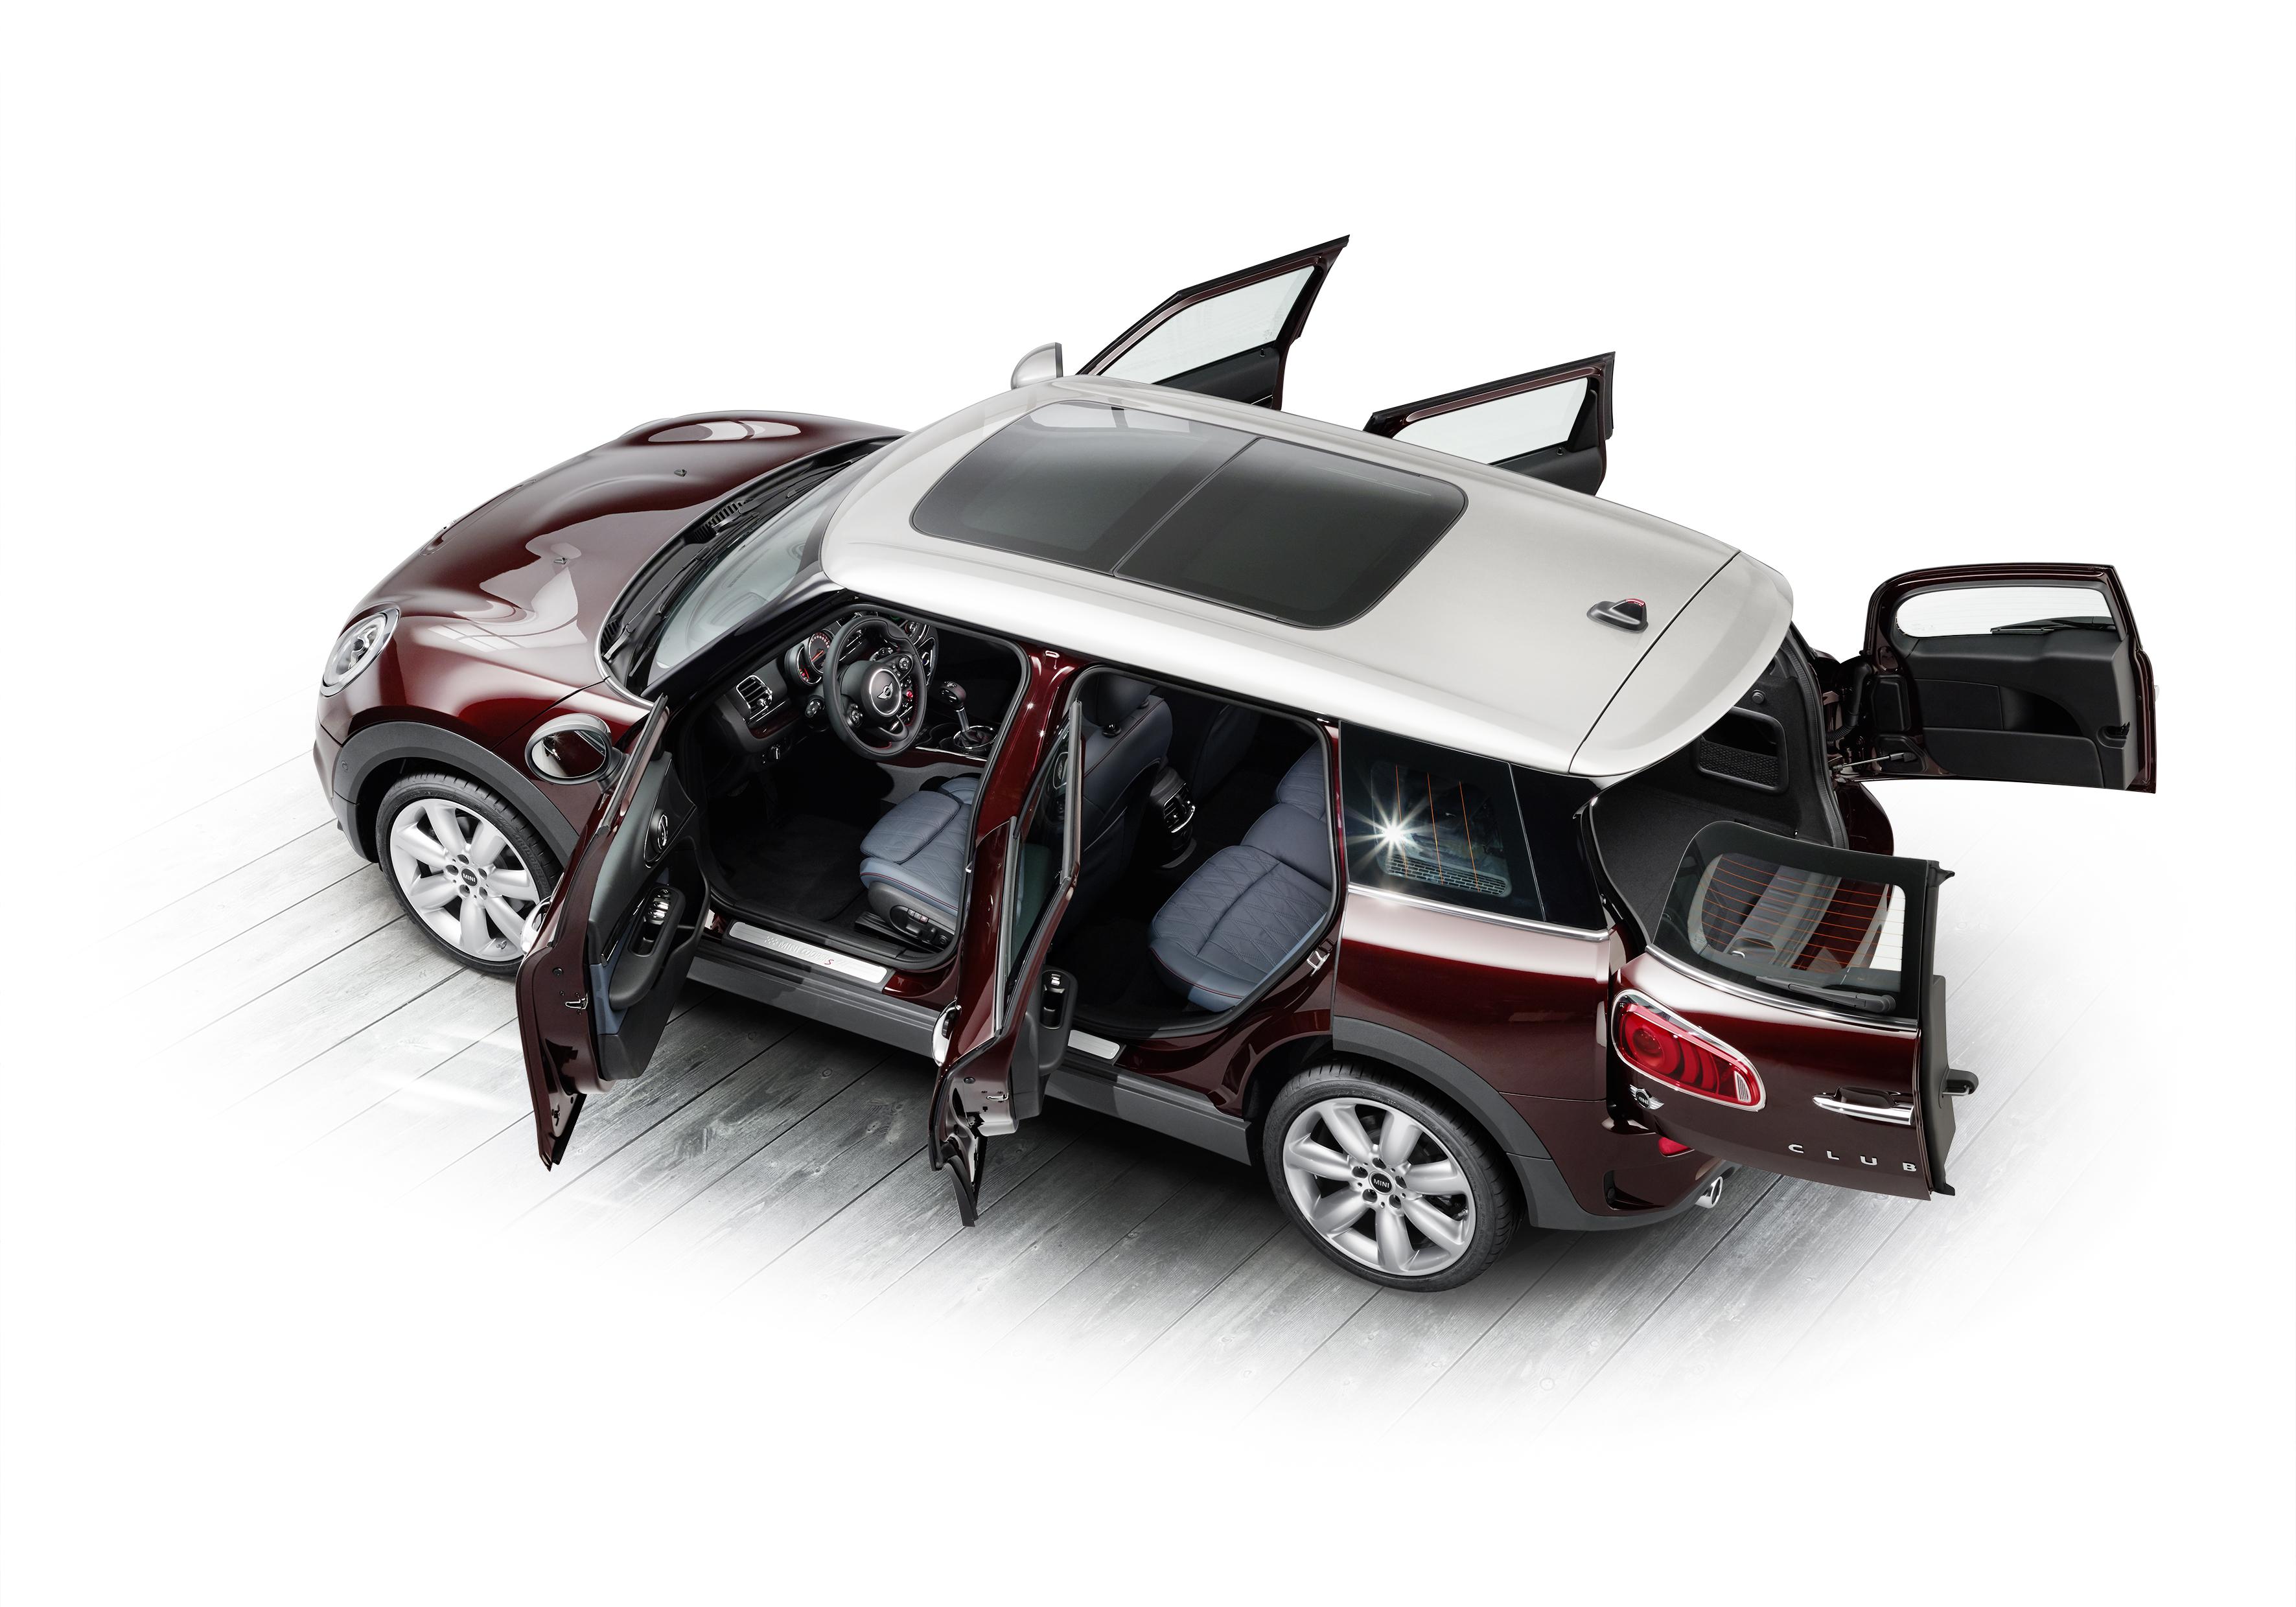 Fondos De Pantalla Vehículo Porsche Show De Net: Fondos De Pantalla : Vehículo, Juguete, Mini, Show De Net